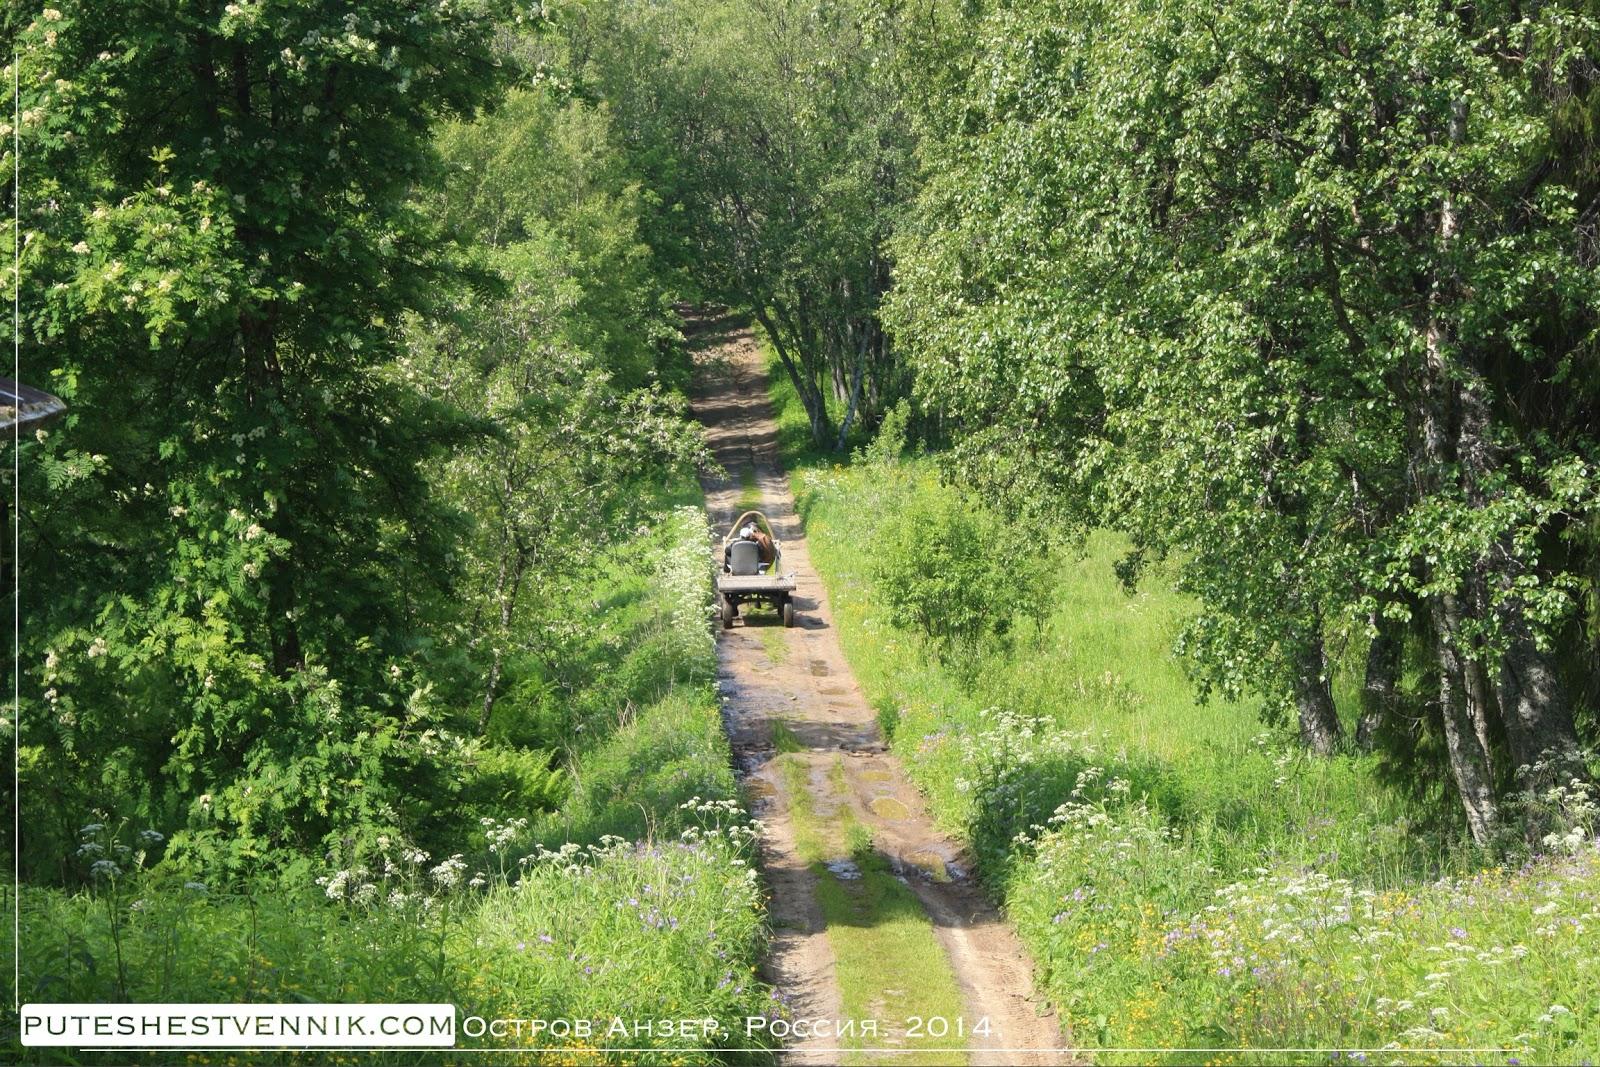 Дорога на острове Анзер и телега с лошадью